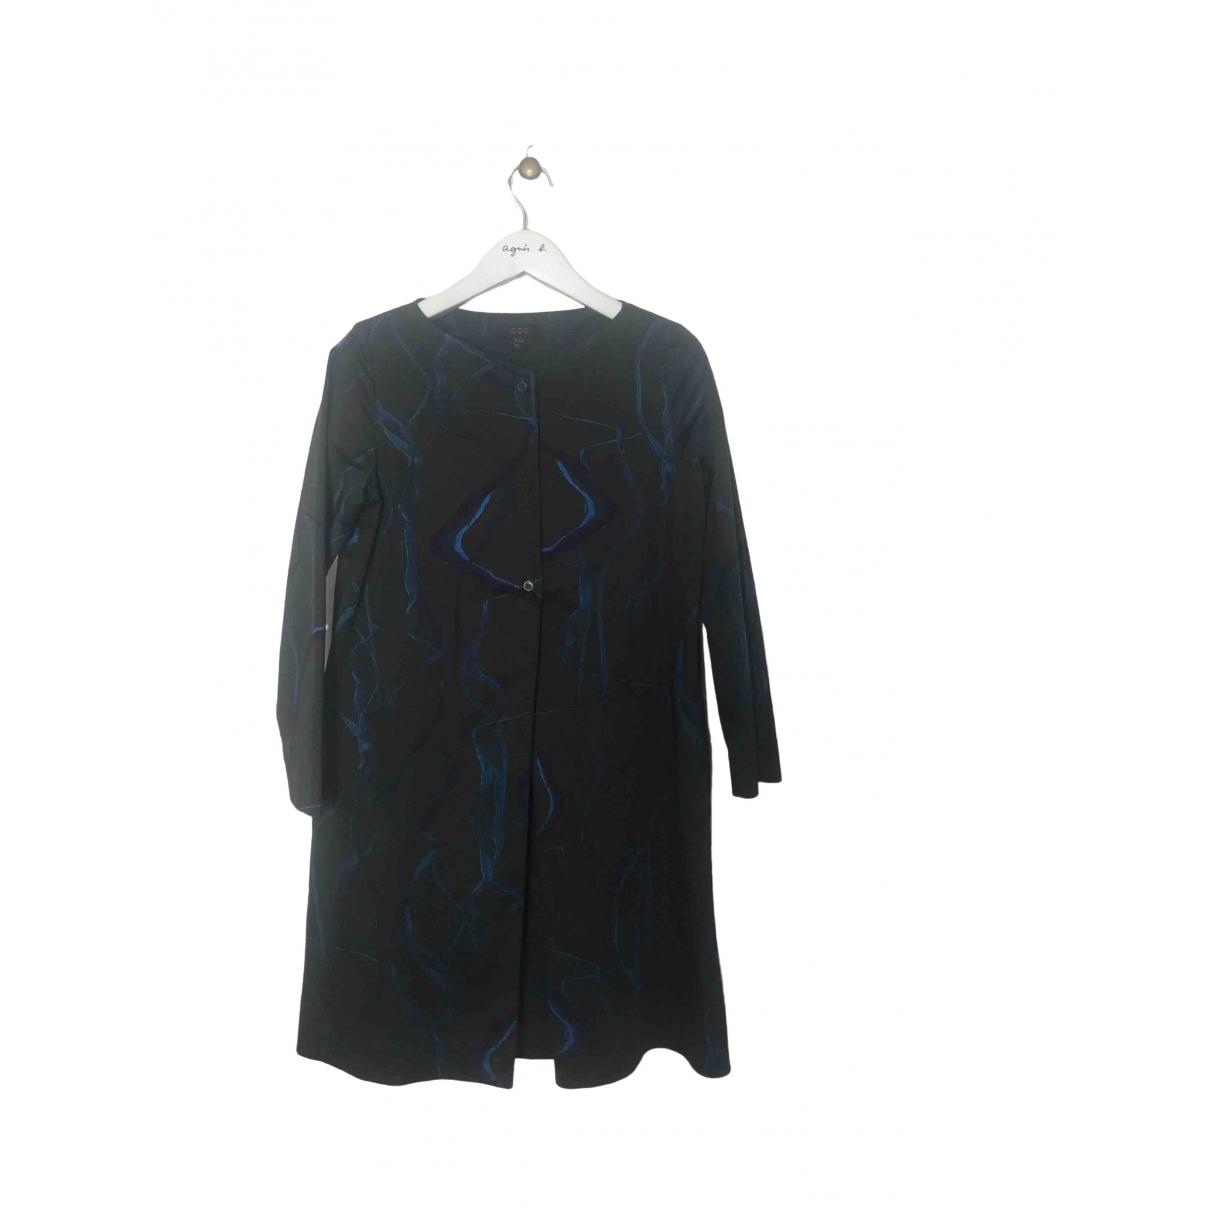 Cos \N Kleid in  Khaki Baumwolle - Elasthan